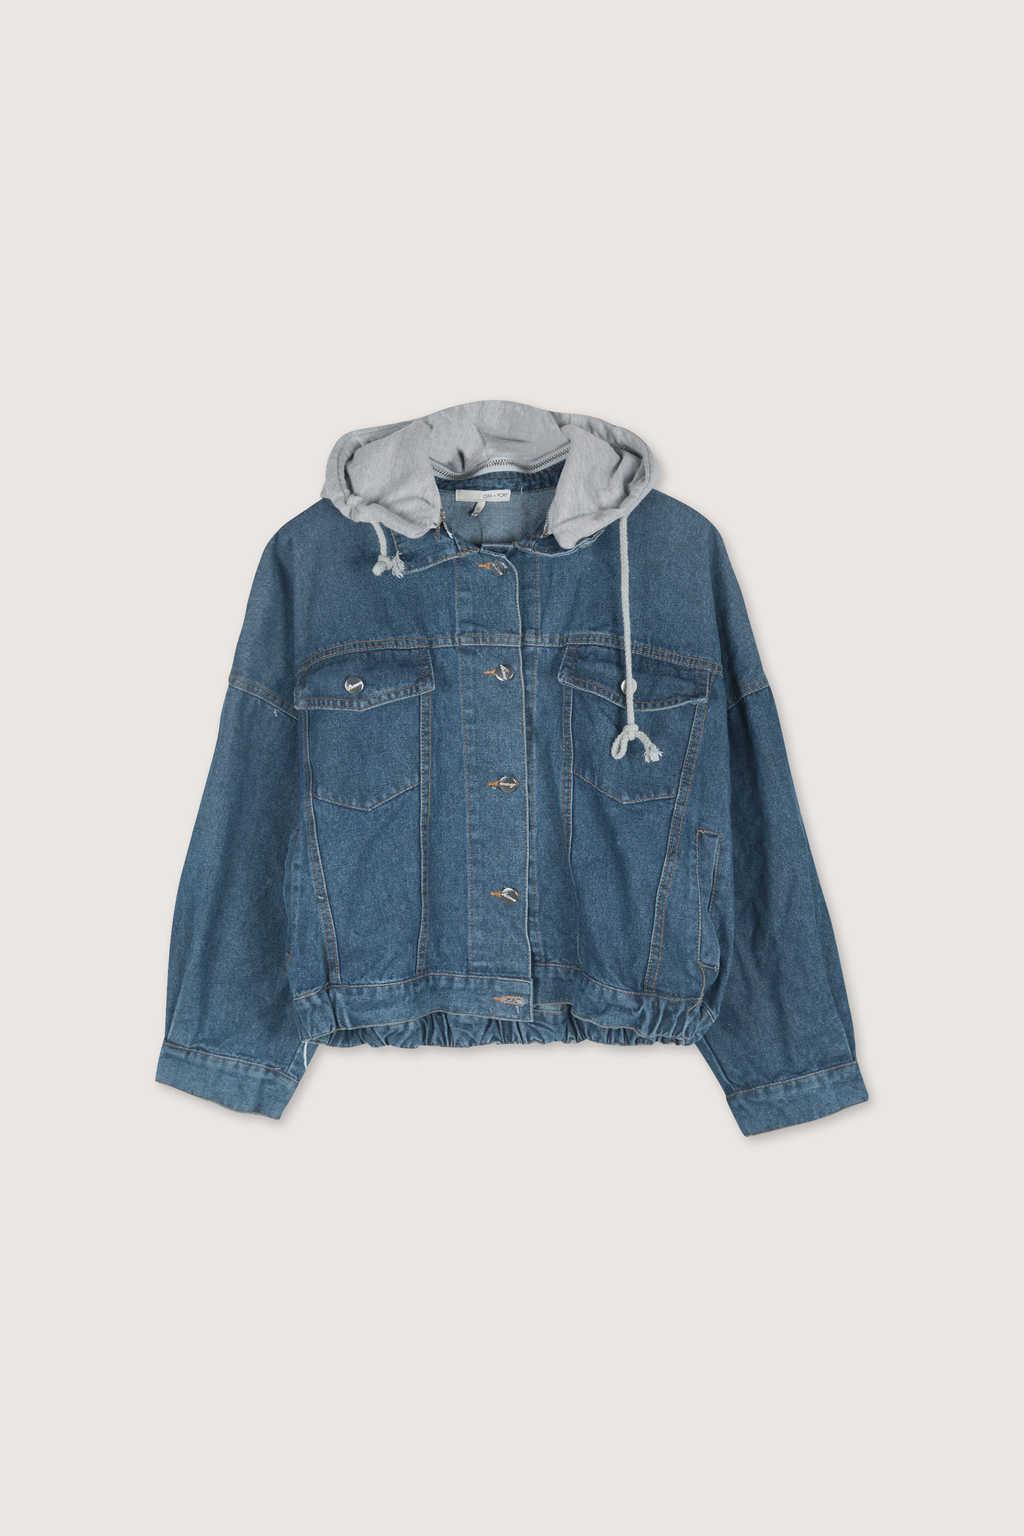 Jacket H142 Indigo 5